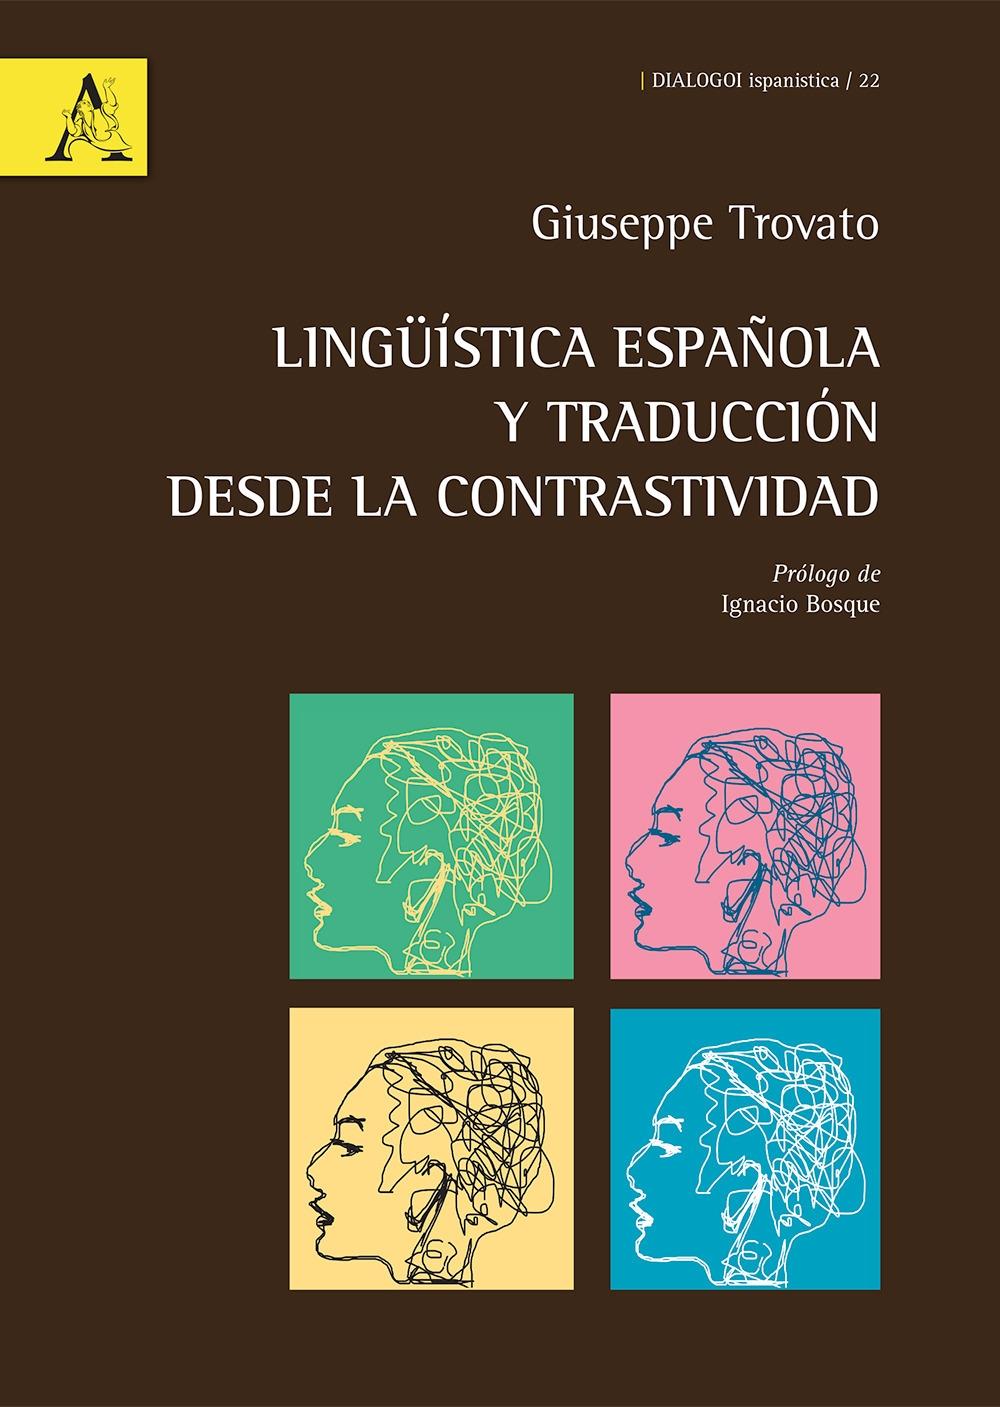 Lingüística española y traducción desde la contrastividad